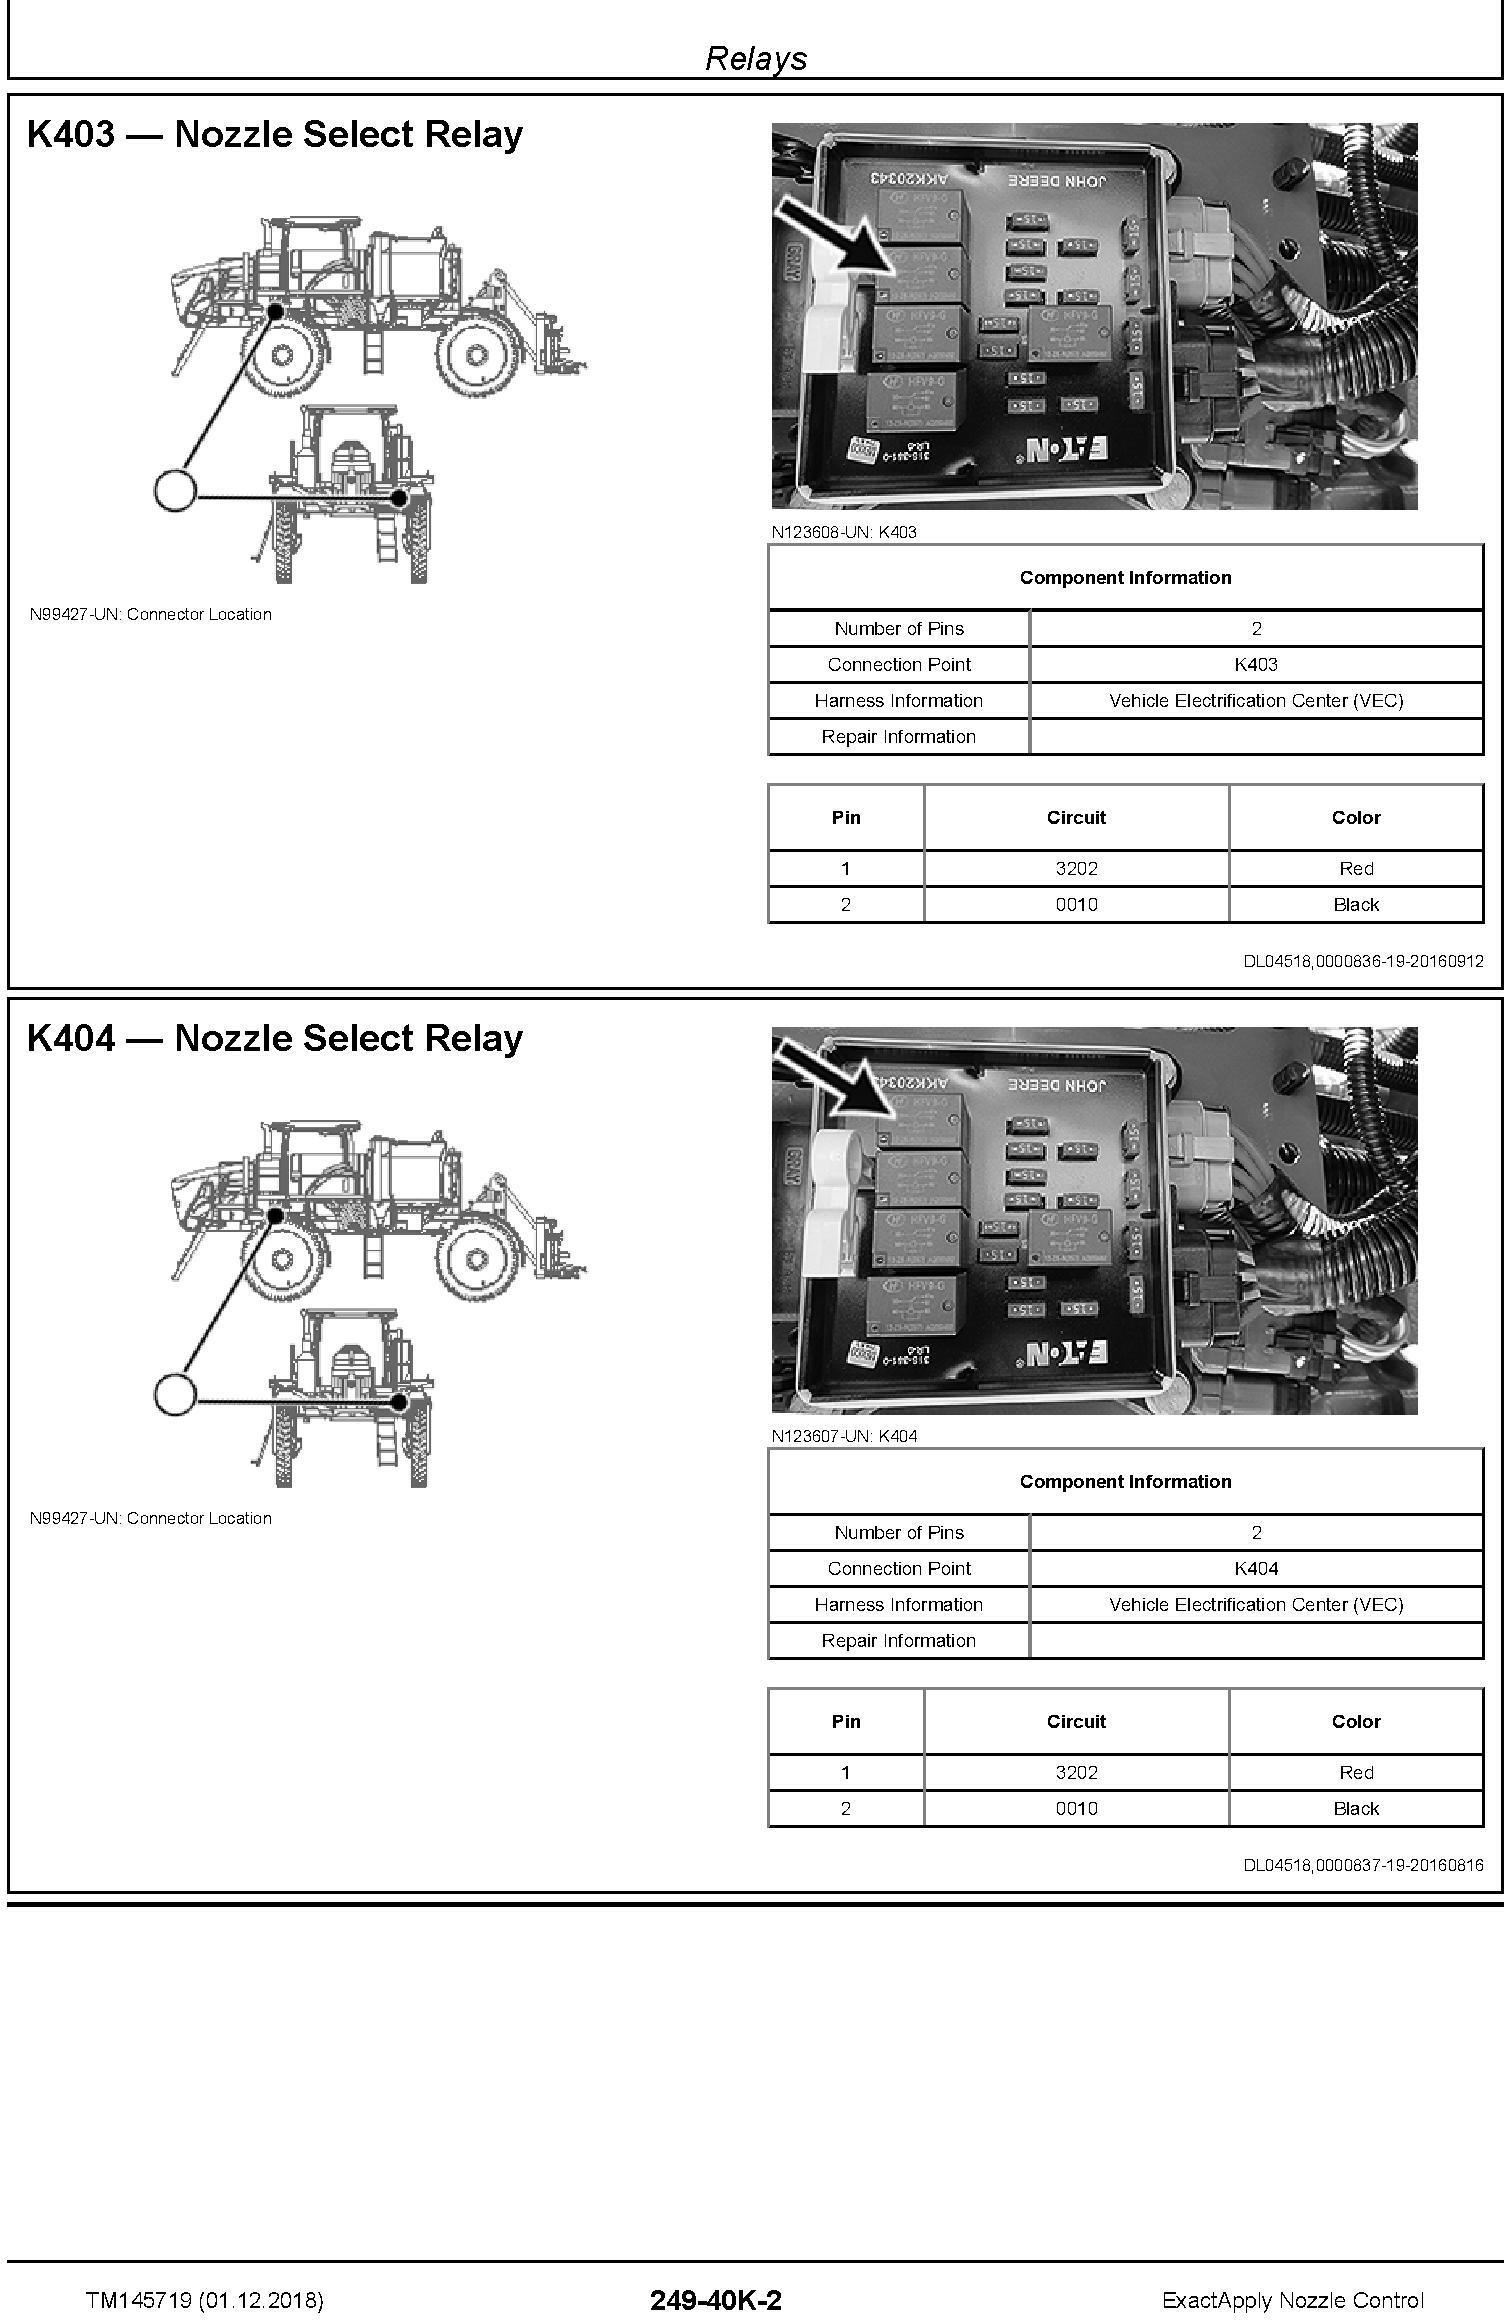 John Deere ExactApply Nozzle Control Diagnostic Technical Manual (TM145719) - 3